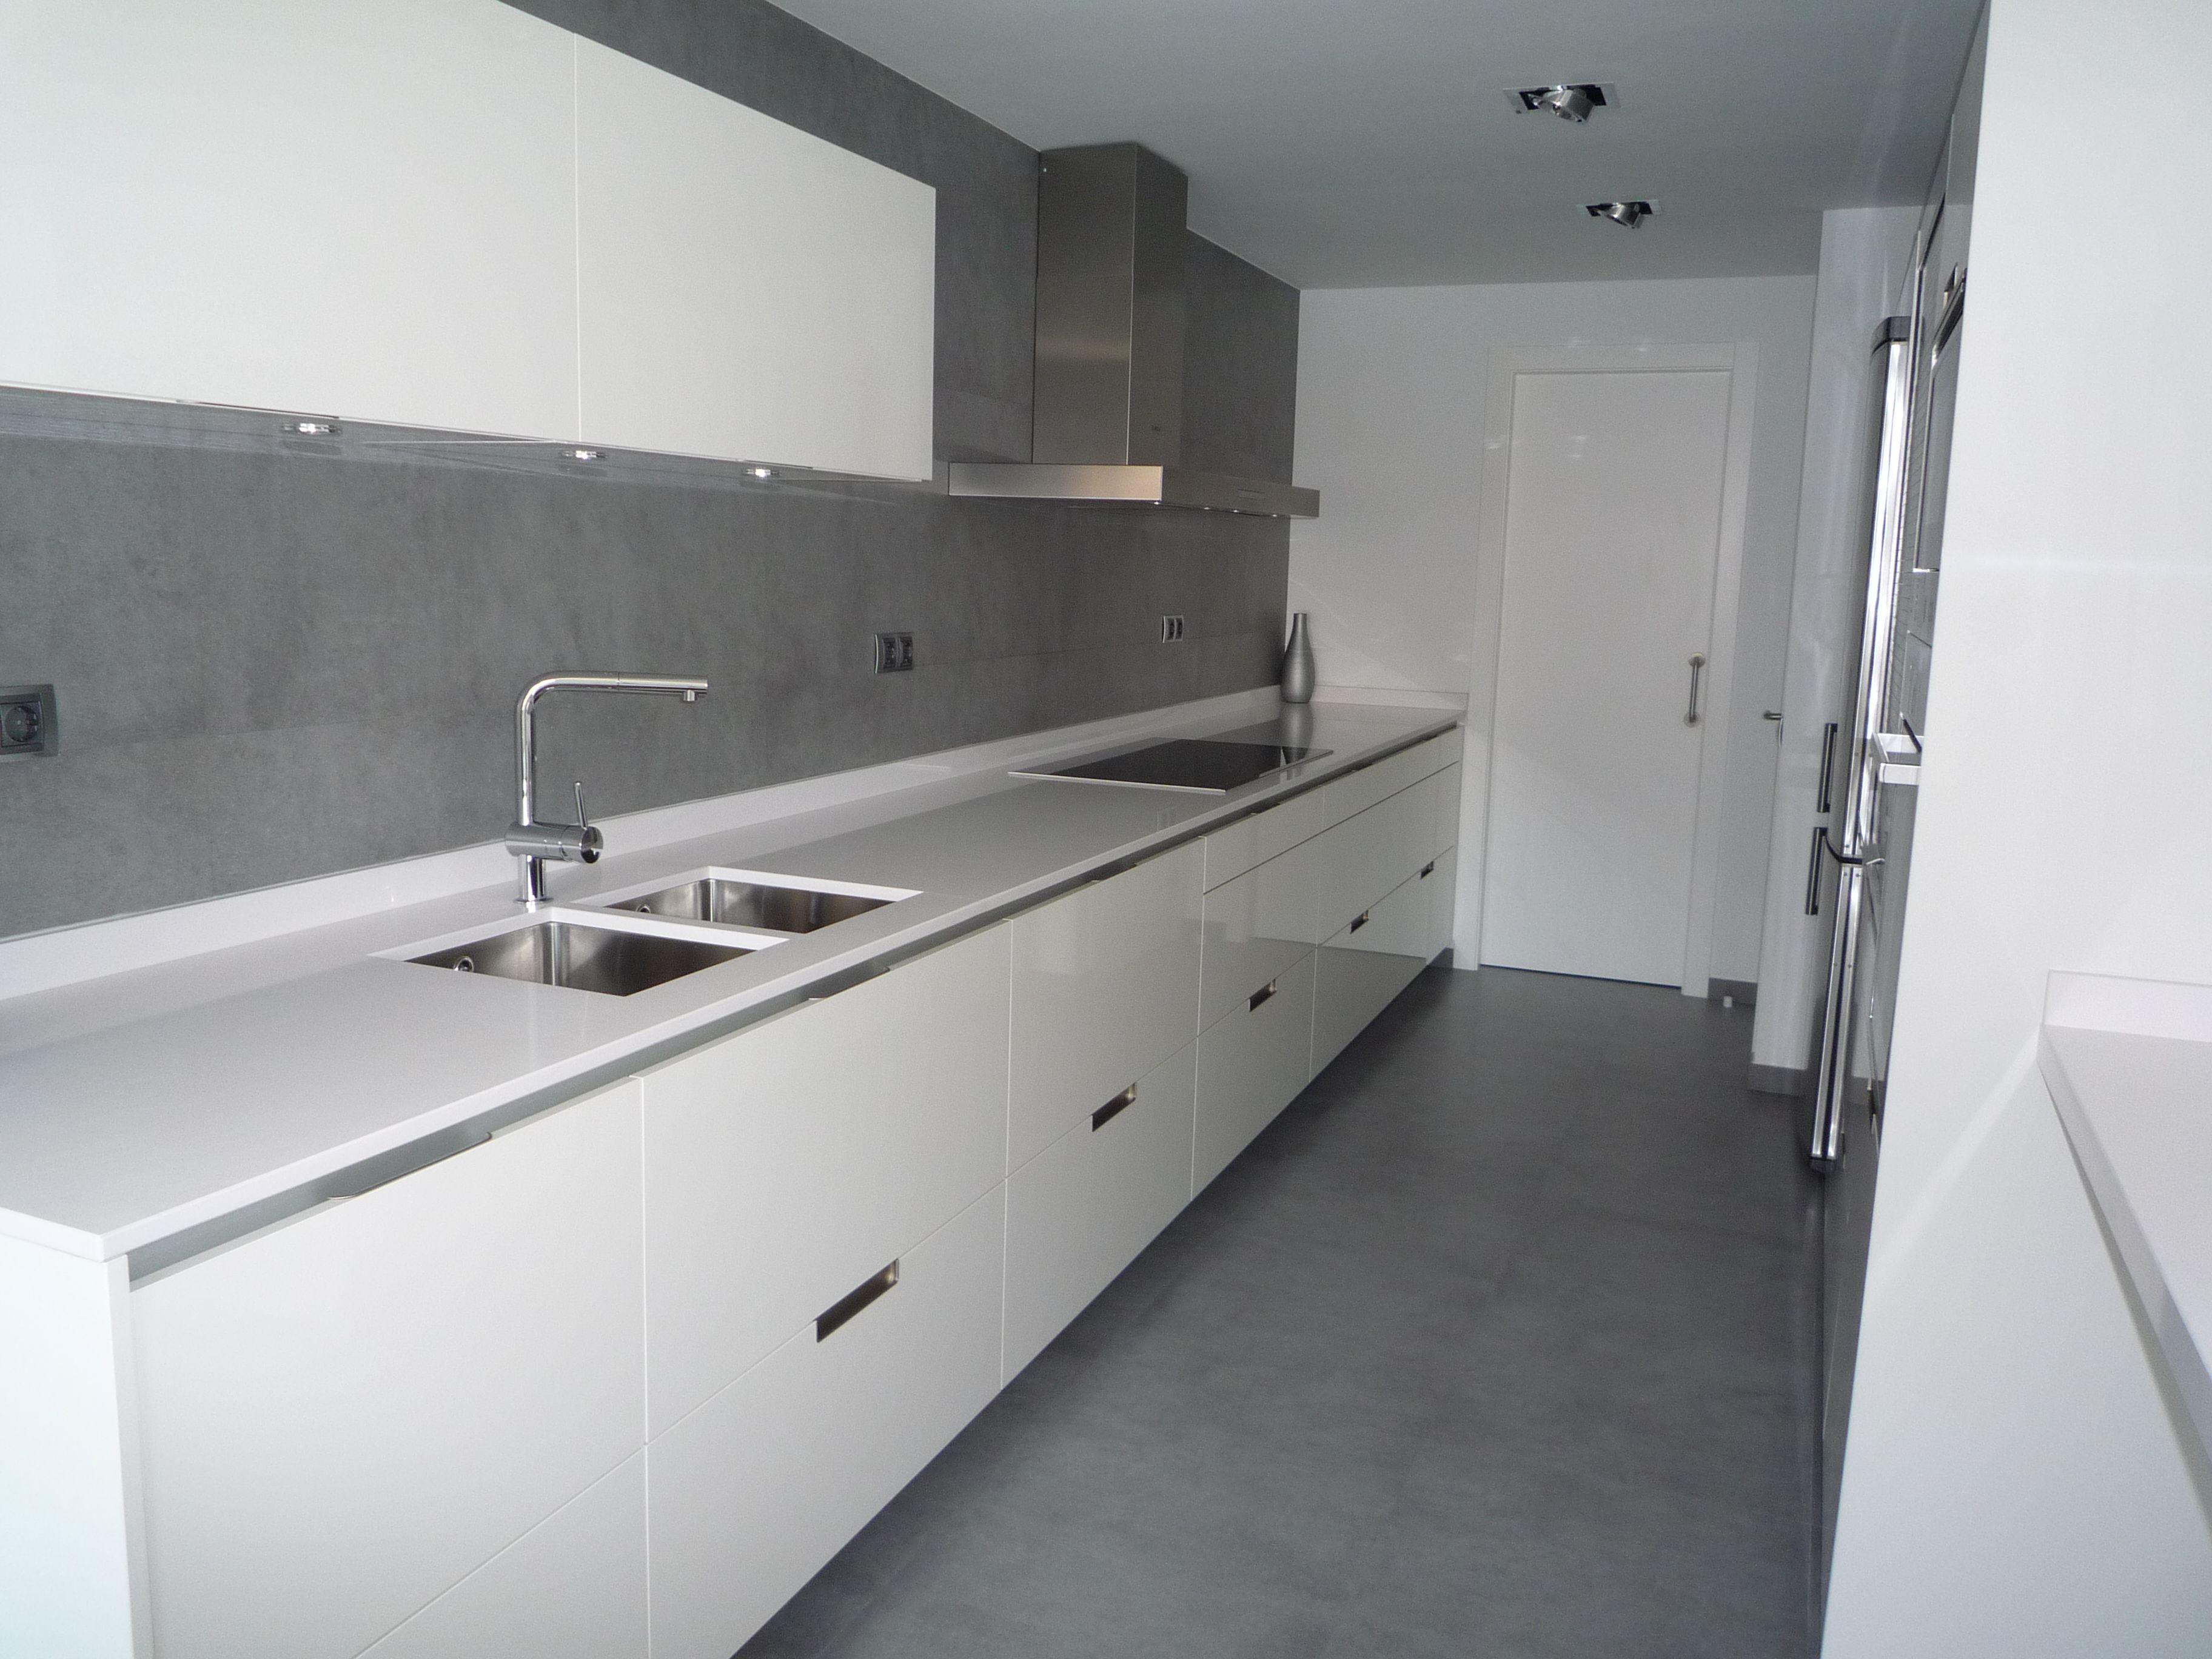 Reforma cocina minimalismo en blanco y gris mobiliario - Cocina suelo gris ...